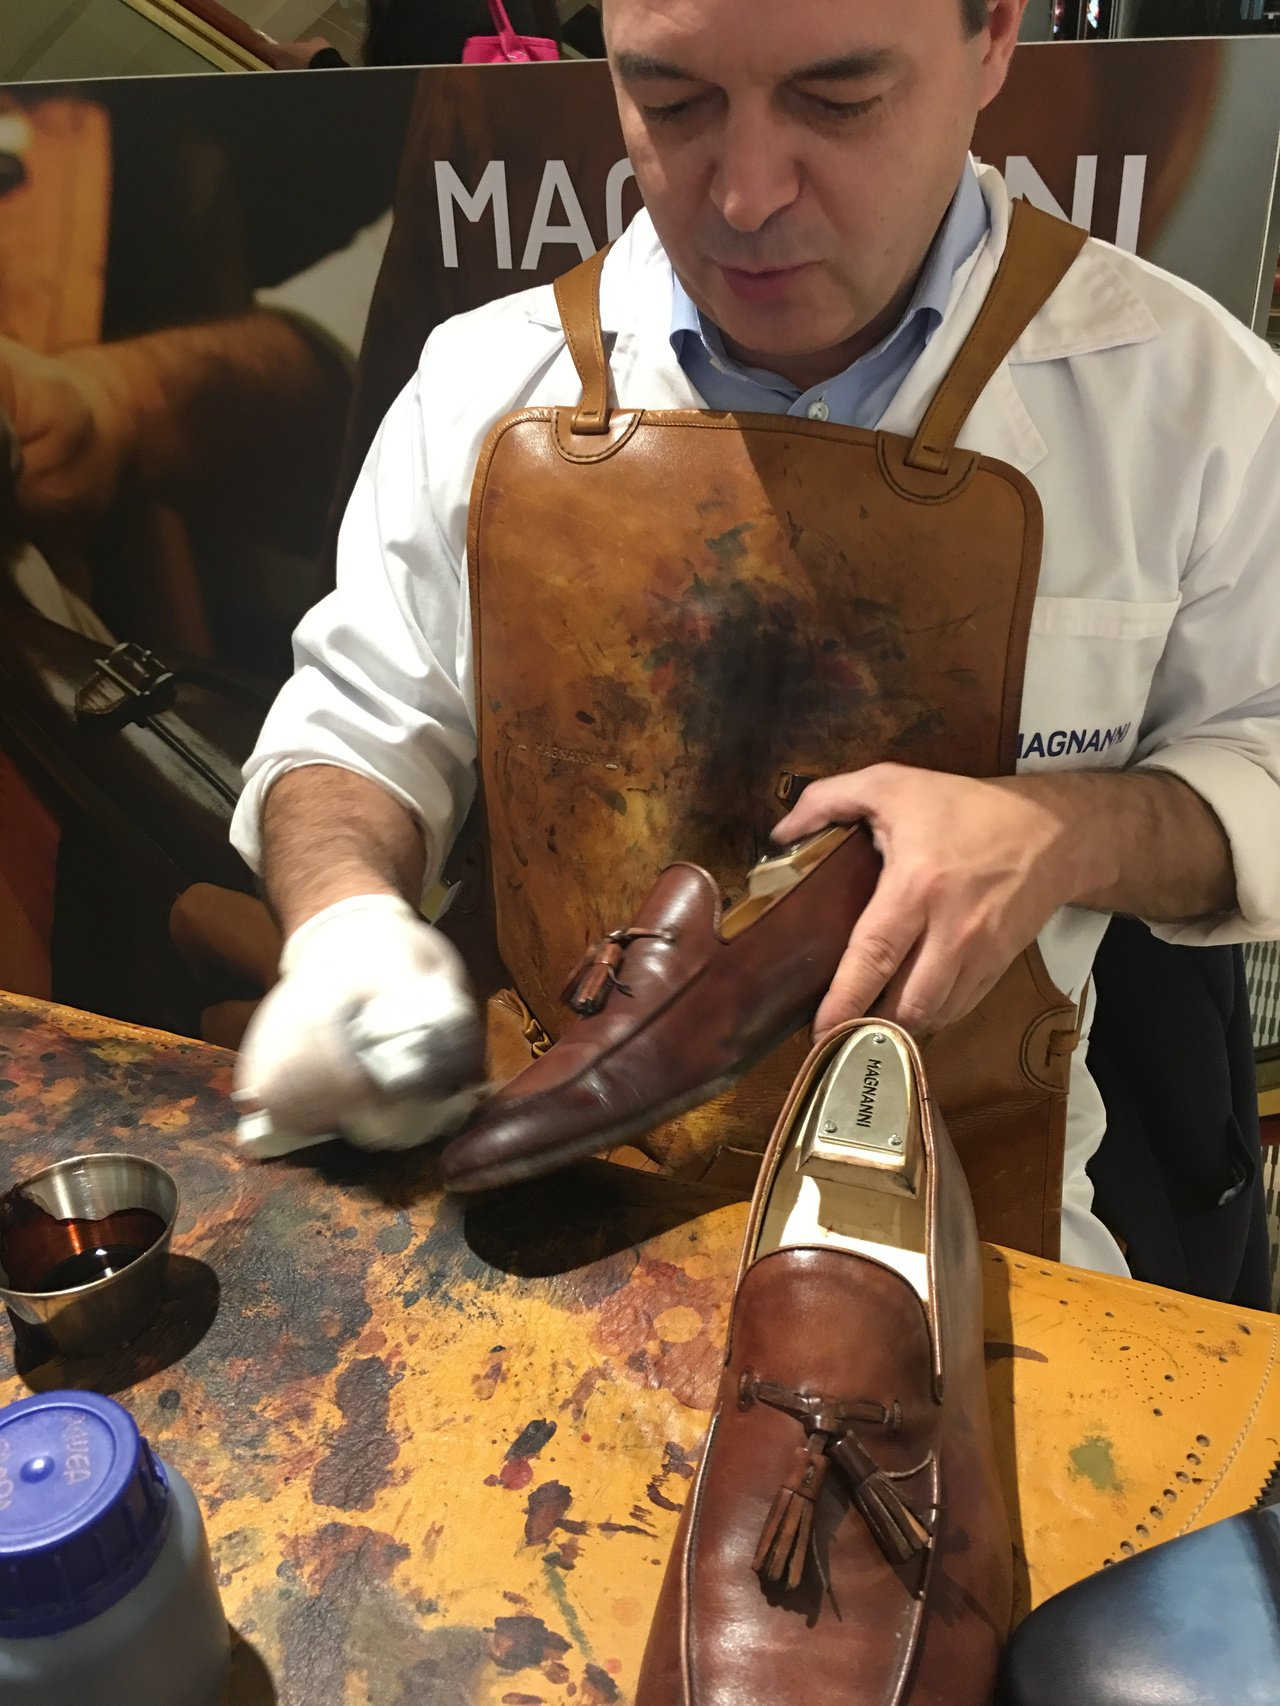 西班牙鞋品牌MAGNANNI來台舉辦彩繪活動,MAGNANNI彩繪師現場幫主顧客...